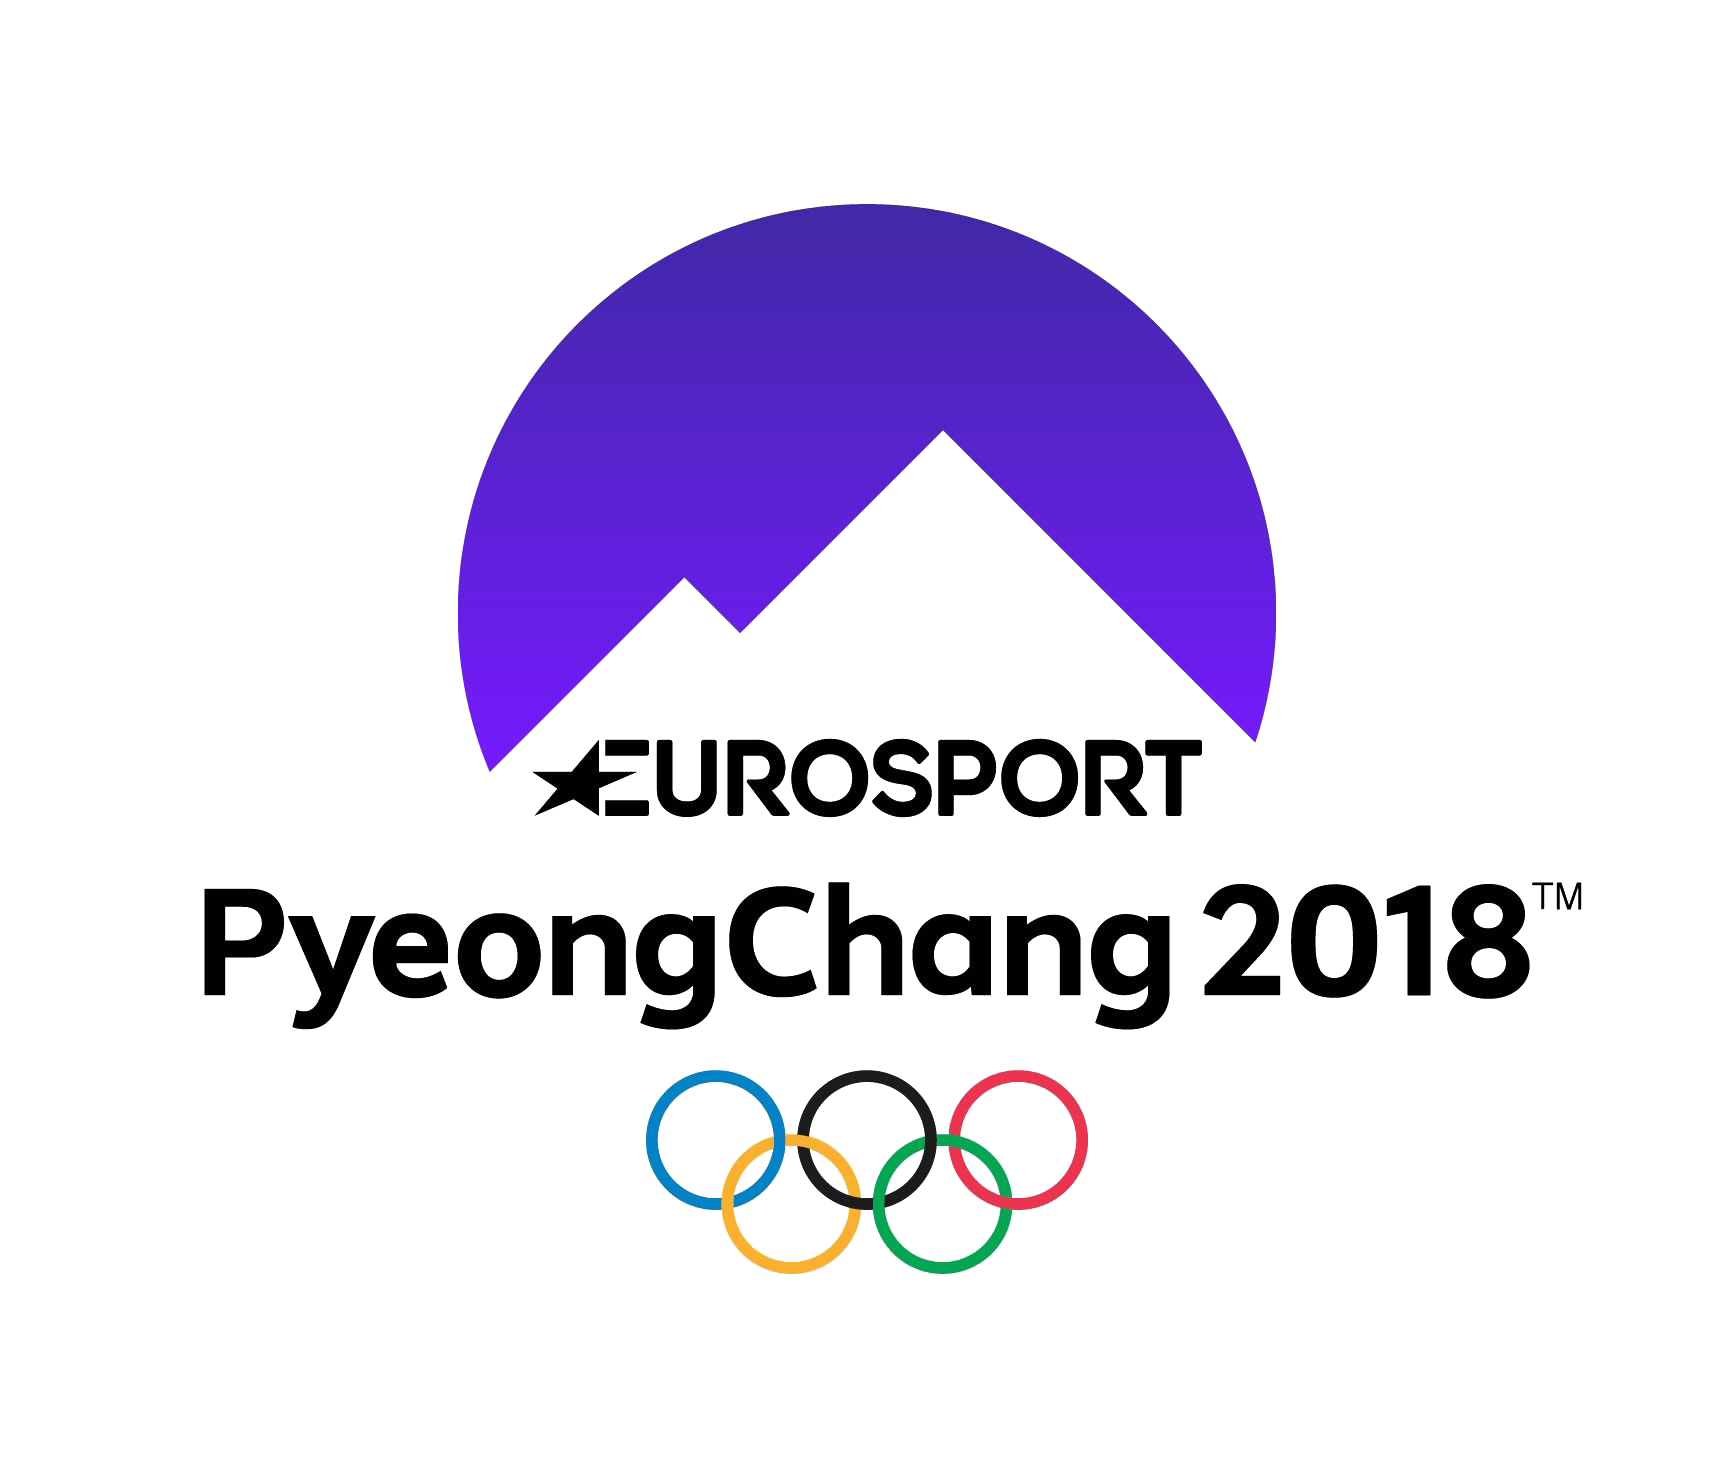 PyeongChang 2018 Olympics Logo PNG Image SVG Clip arts